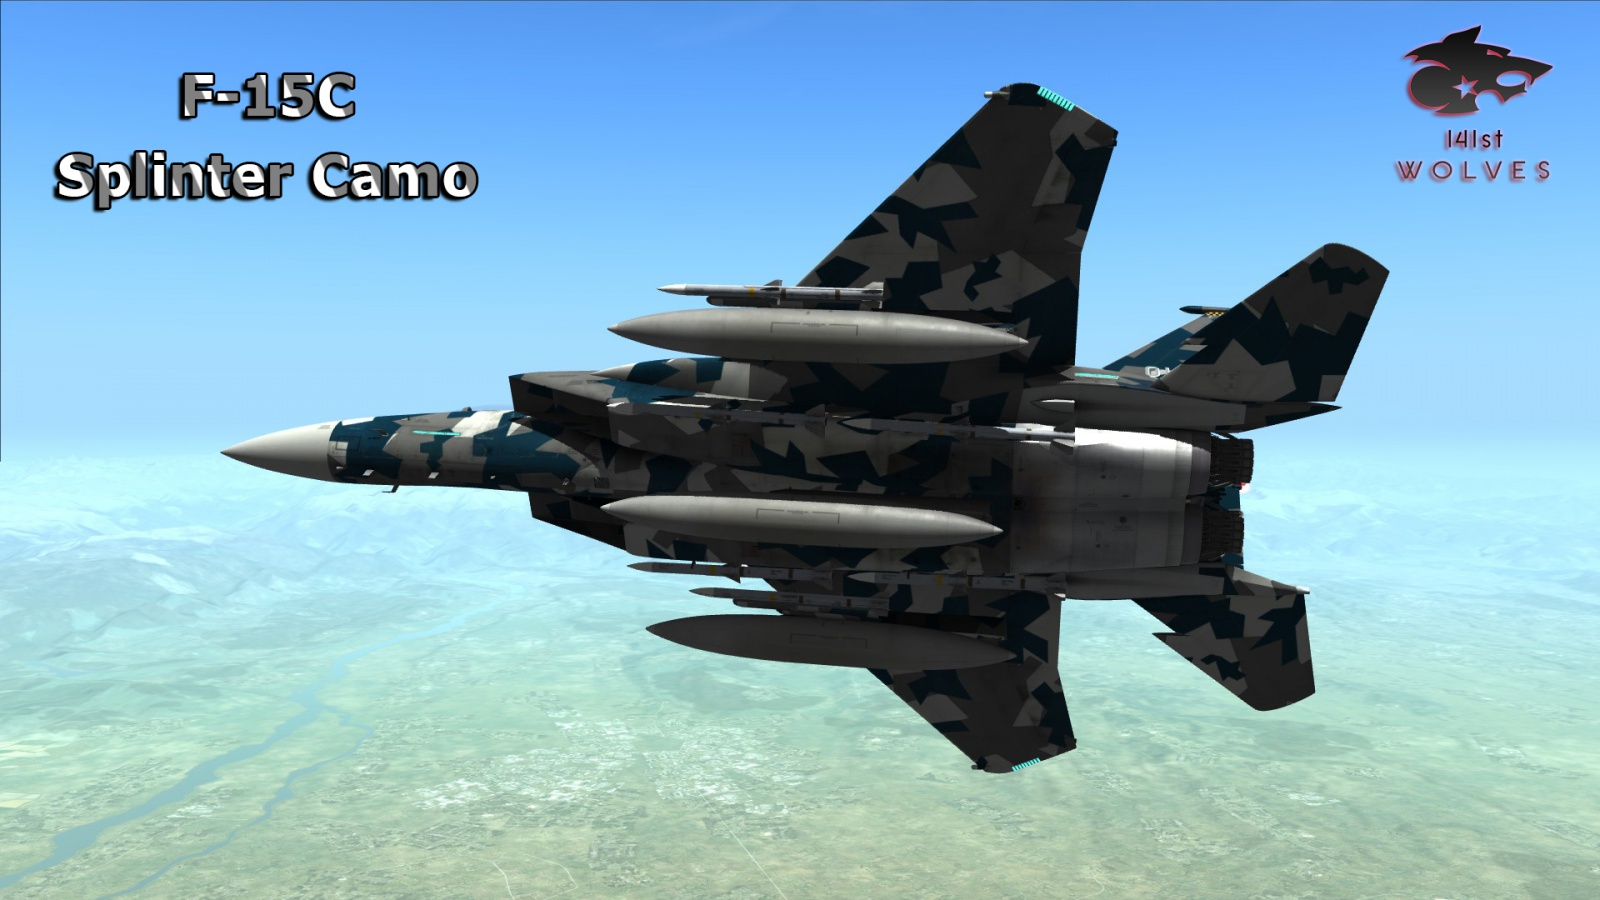 F-15C Splinter Camo Eagle